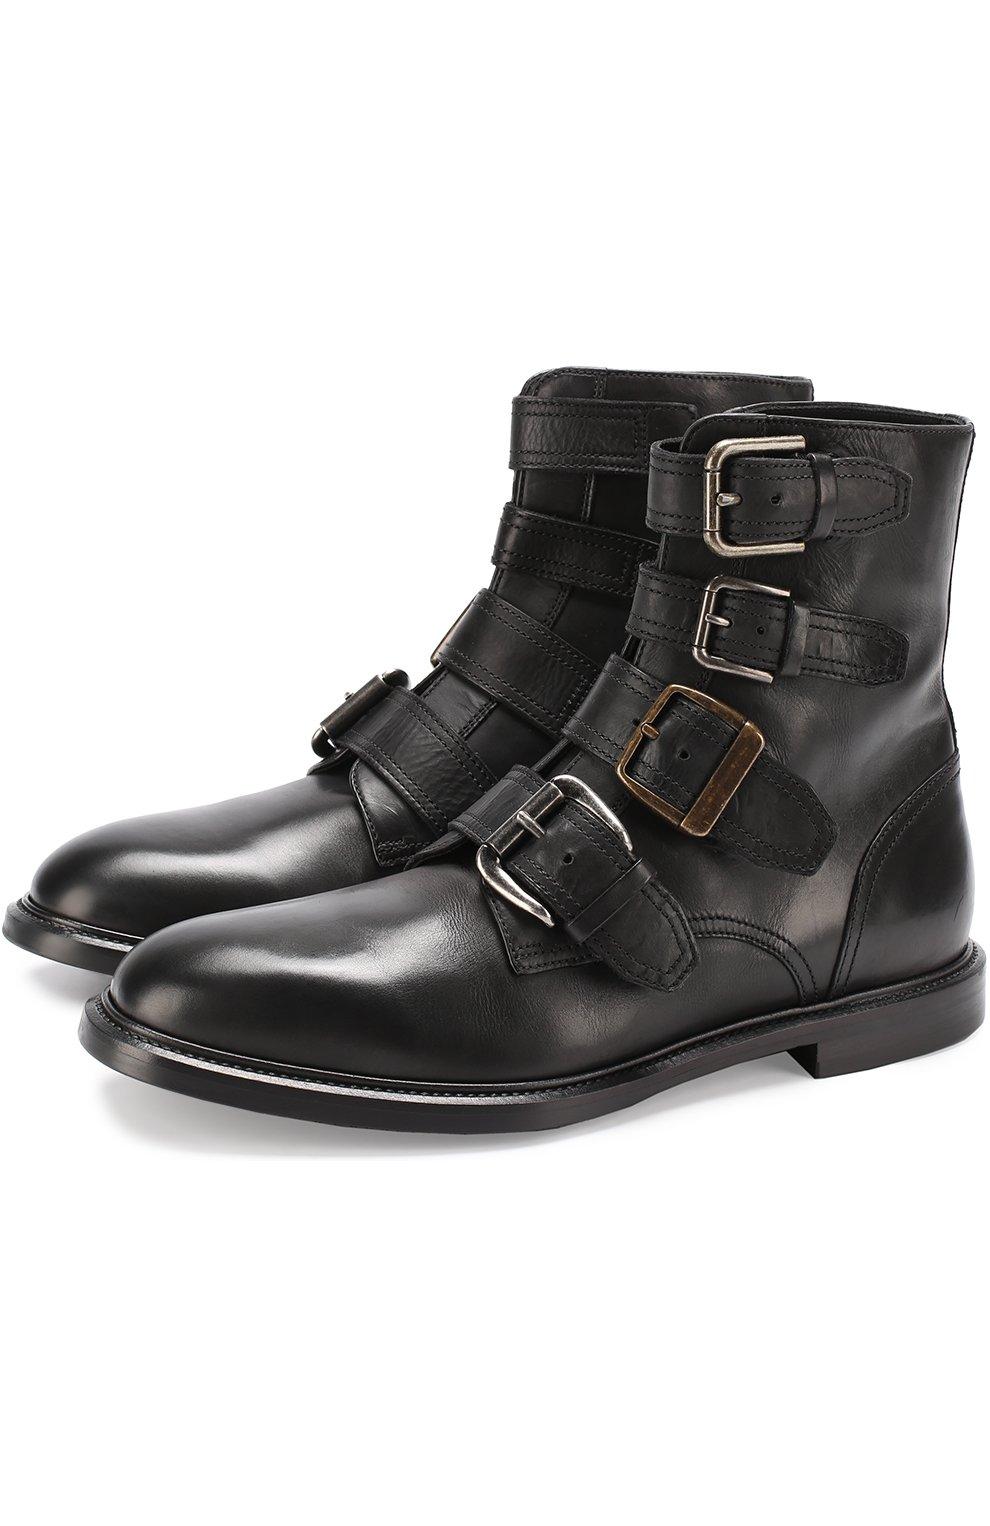 Кожаные ботинки Marsala с ремешками | Фото №1